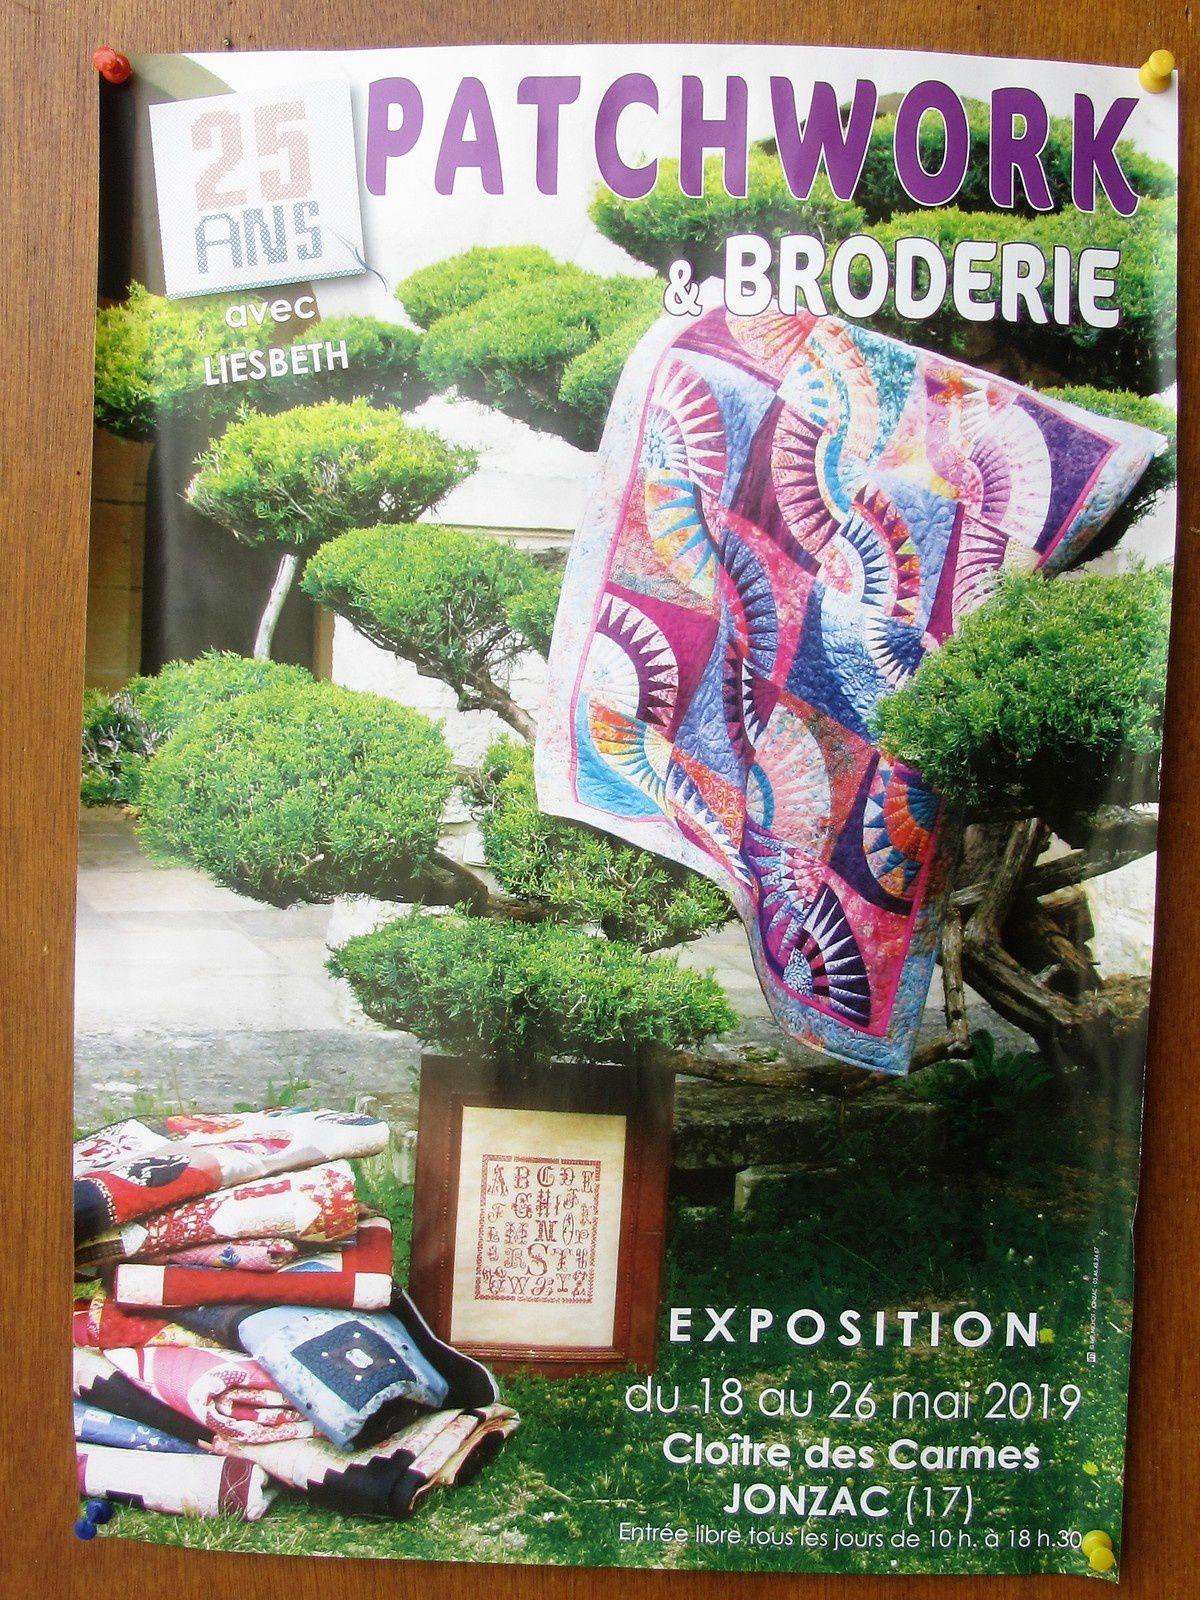 Et justement jusqu'au 26 mai se tient l'exposition des 25 ans du club patchwork et broderie.